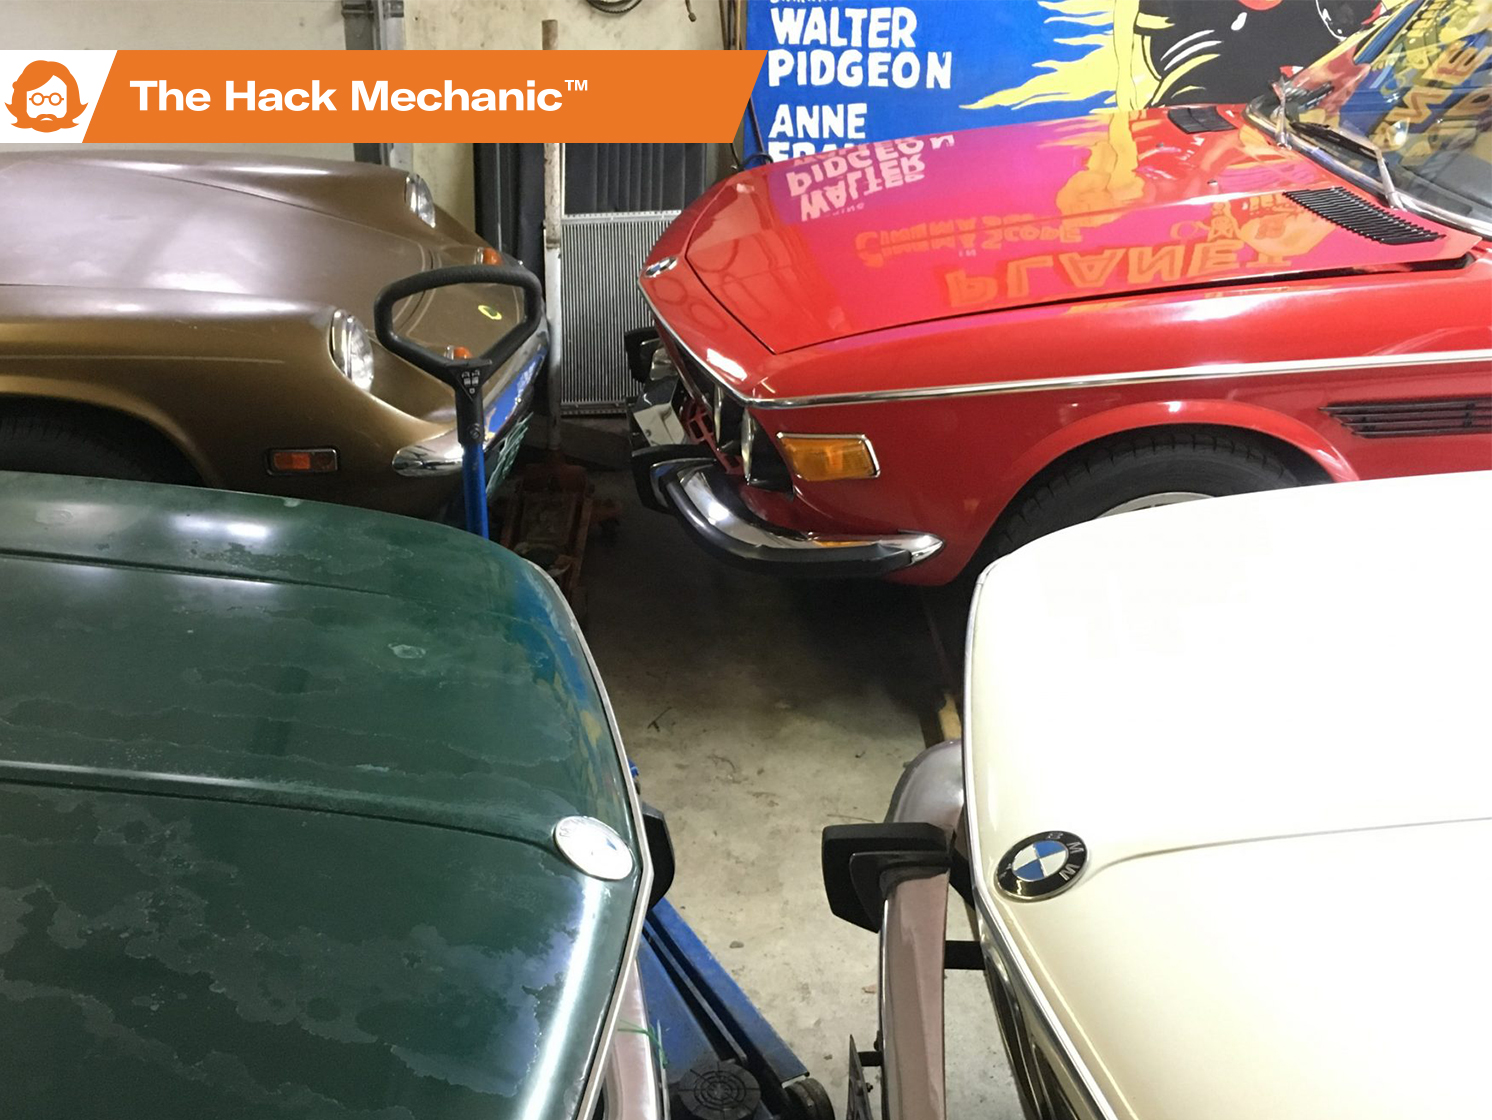 Hack_Mechanic_Garage_Space_Lede